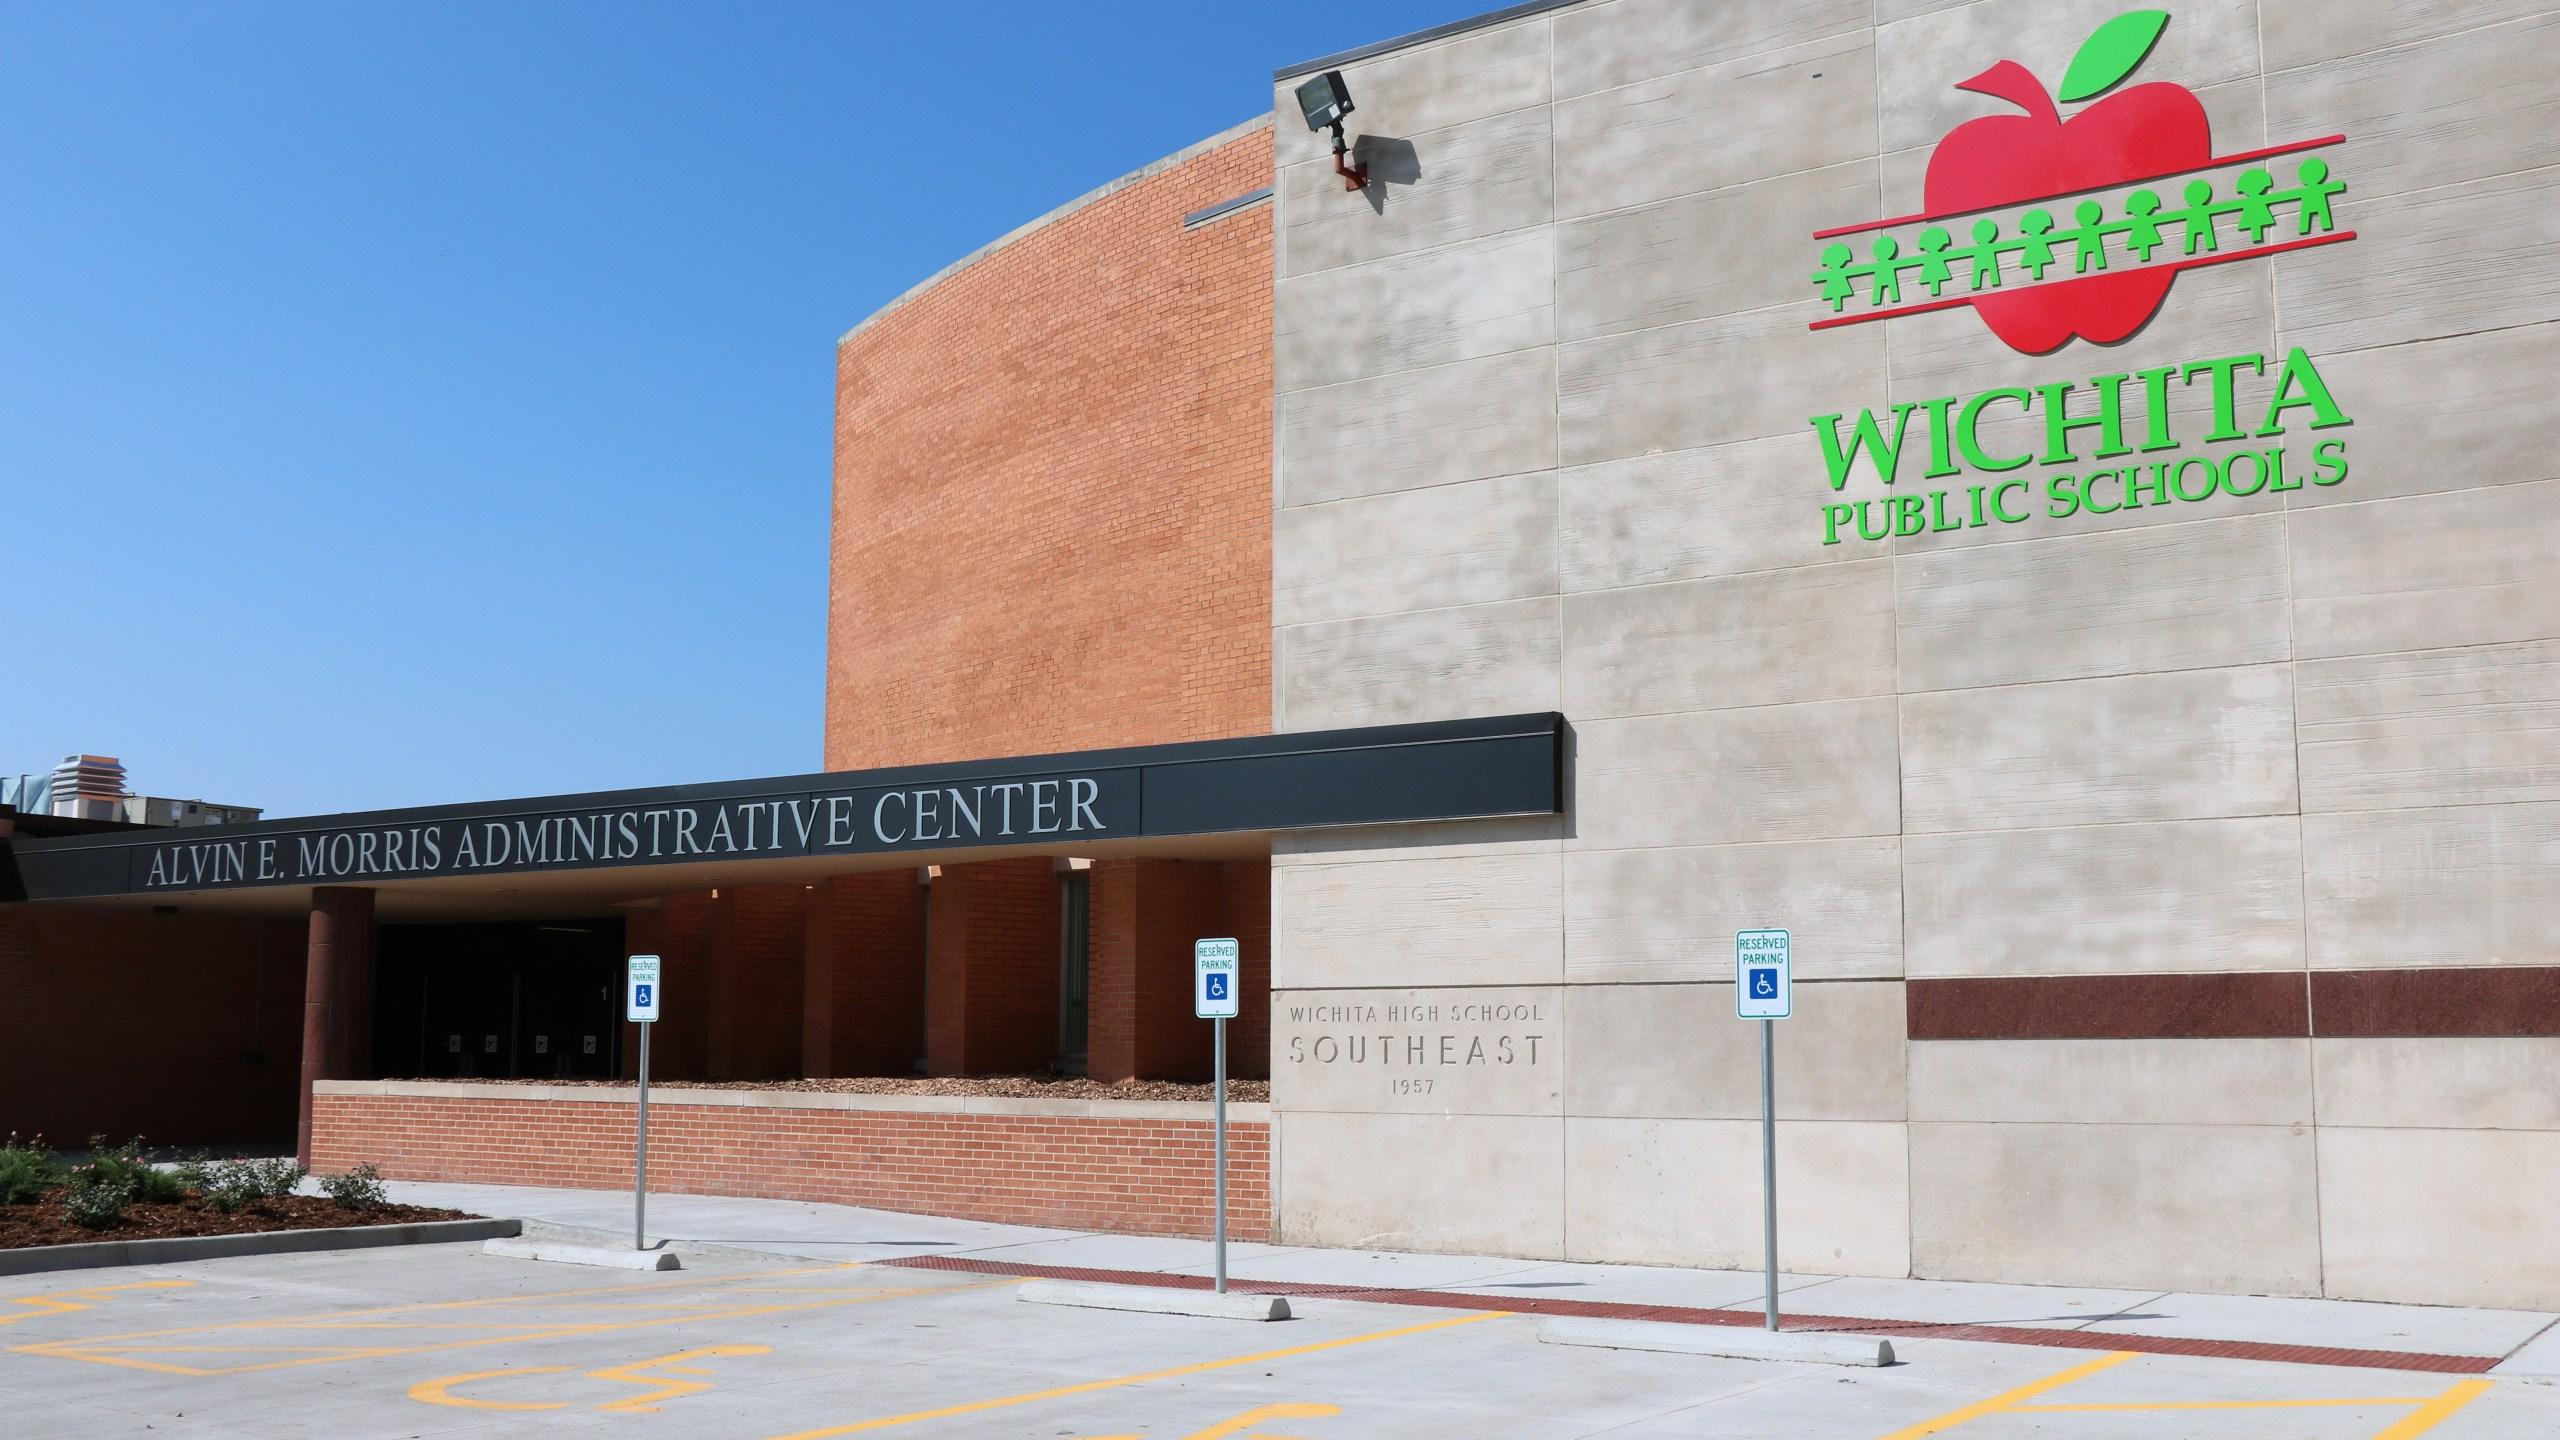 Wichita Public Schools_448623